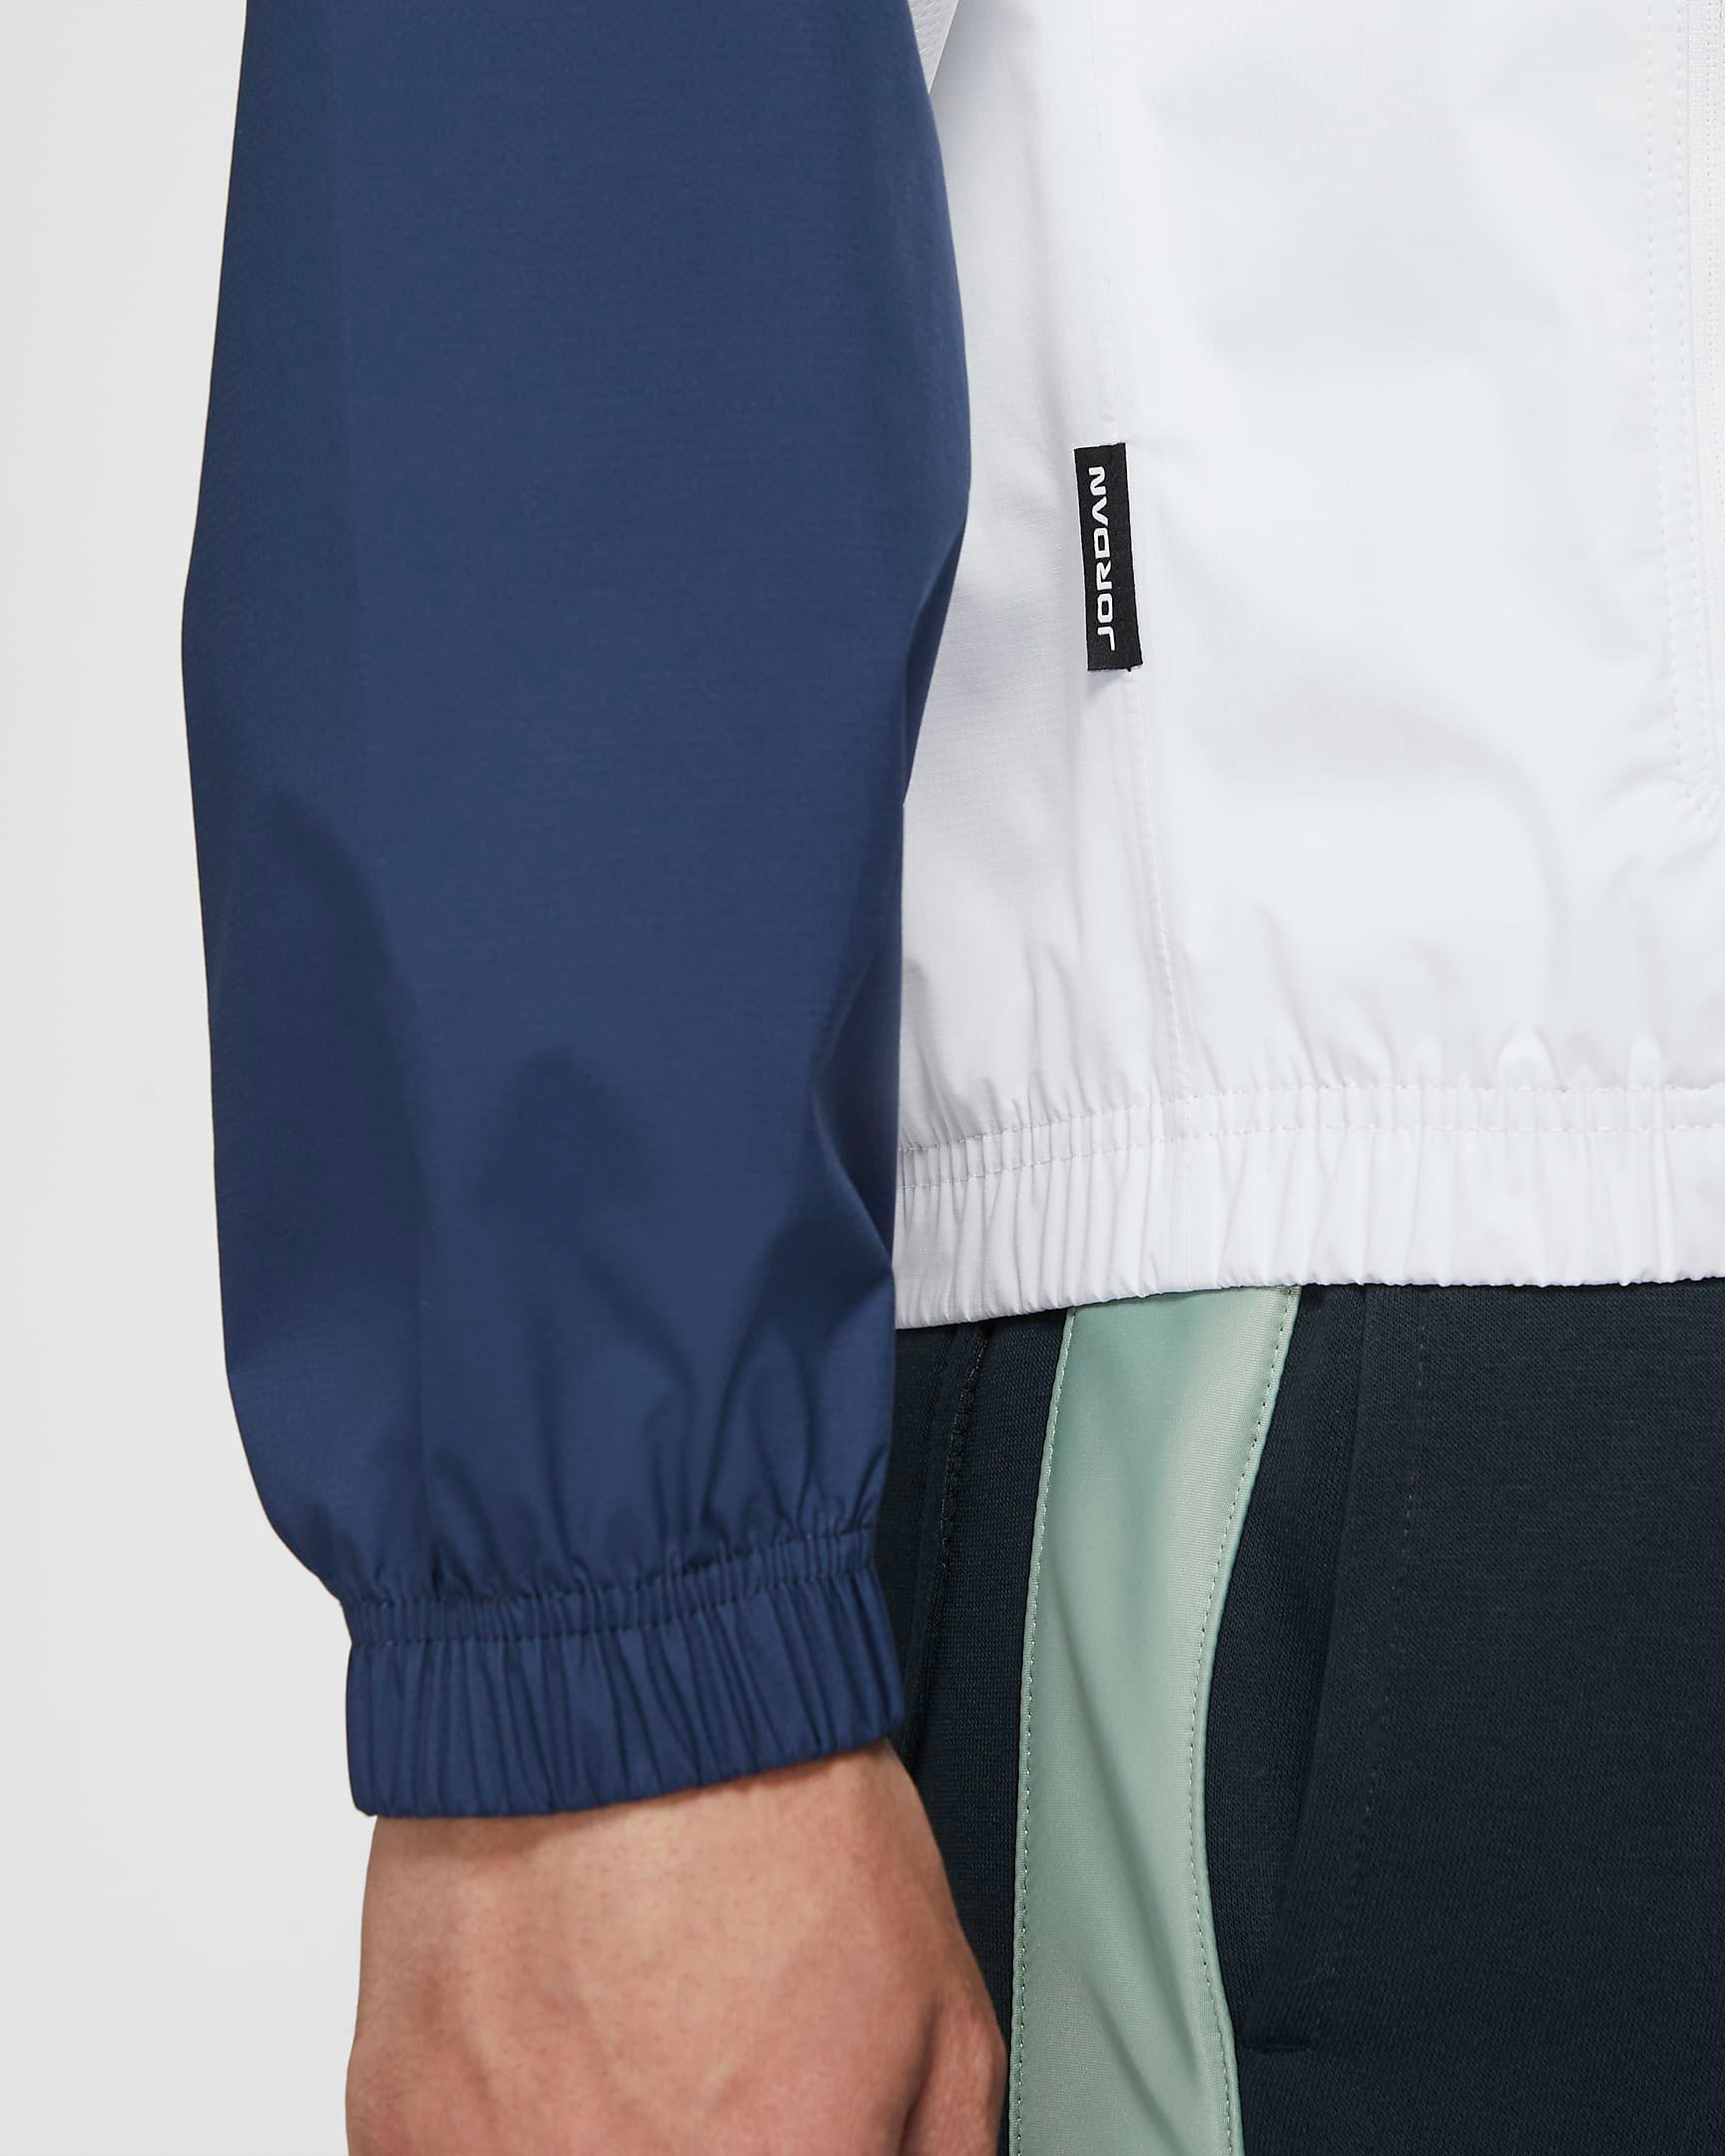 air-jordan-13-flint-jacket-7